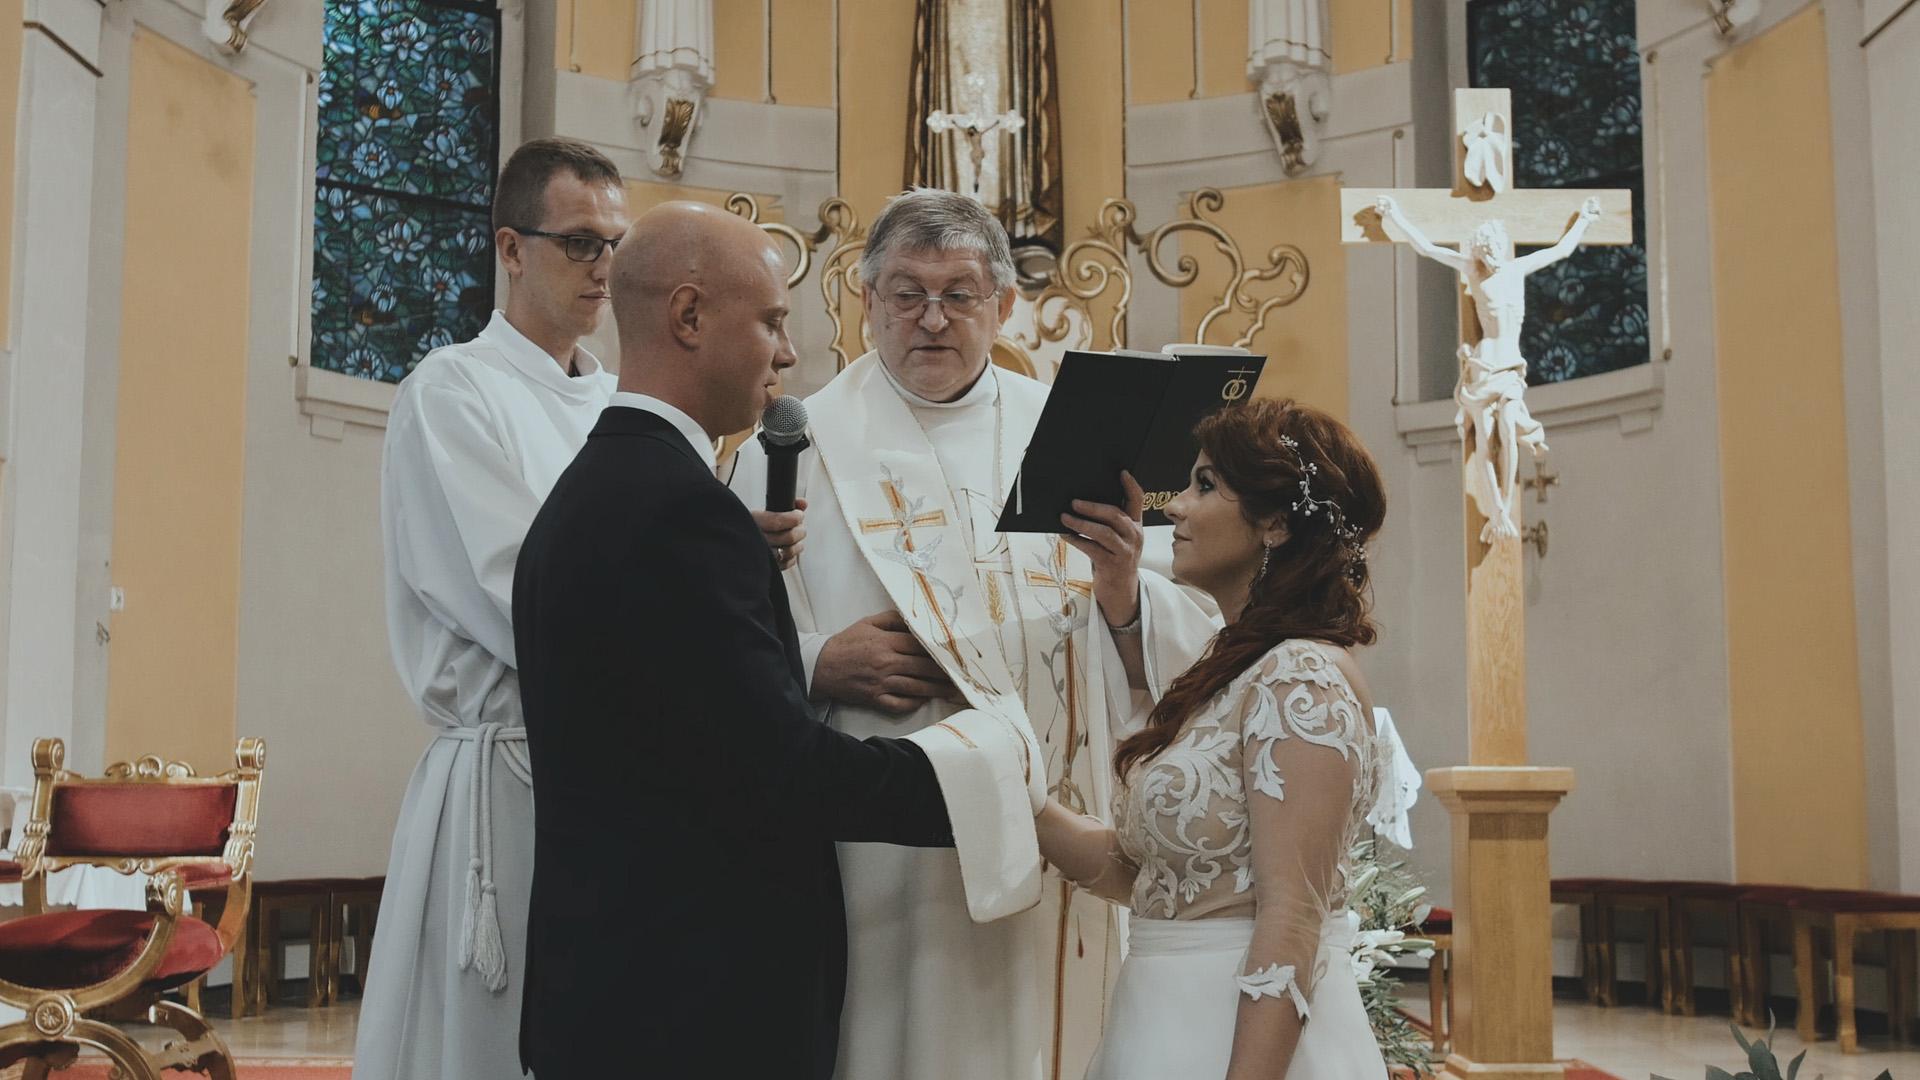 26 hotelarnia wesele teledysk ślubny